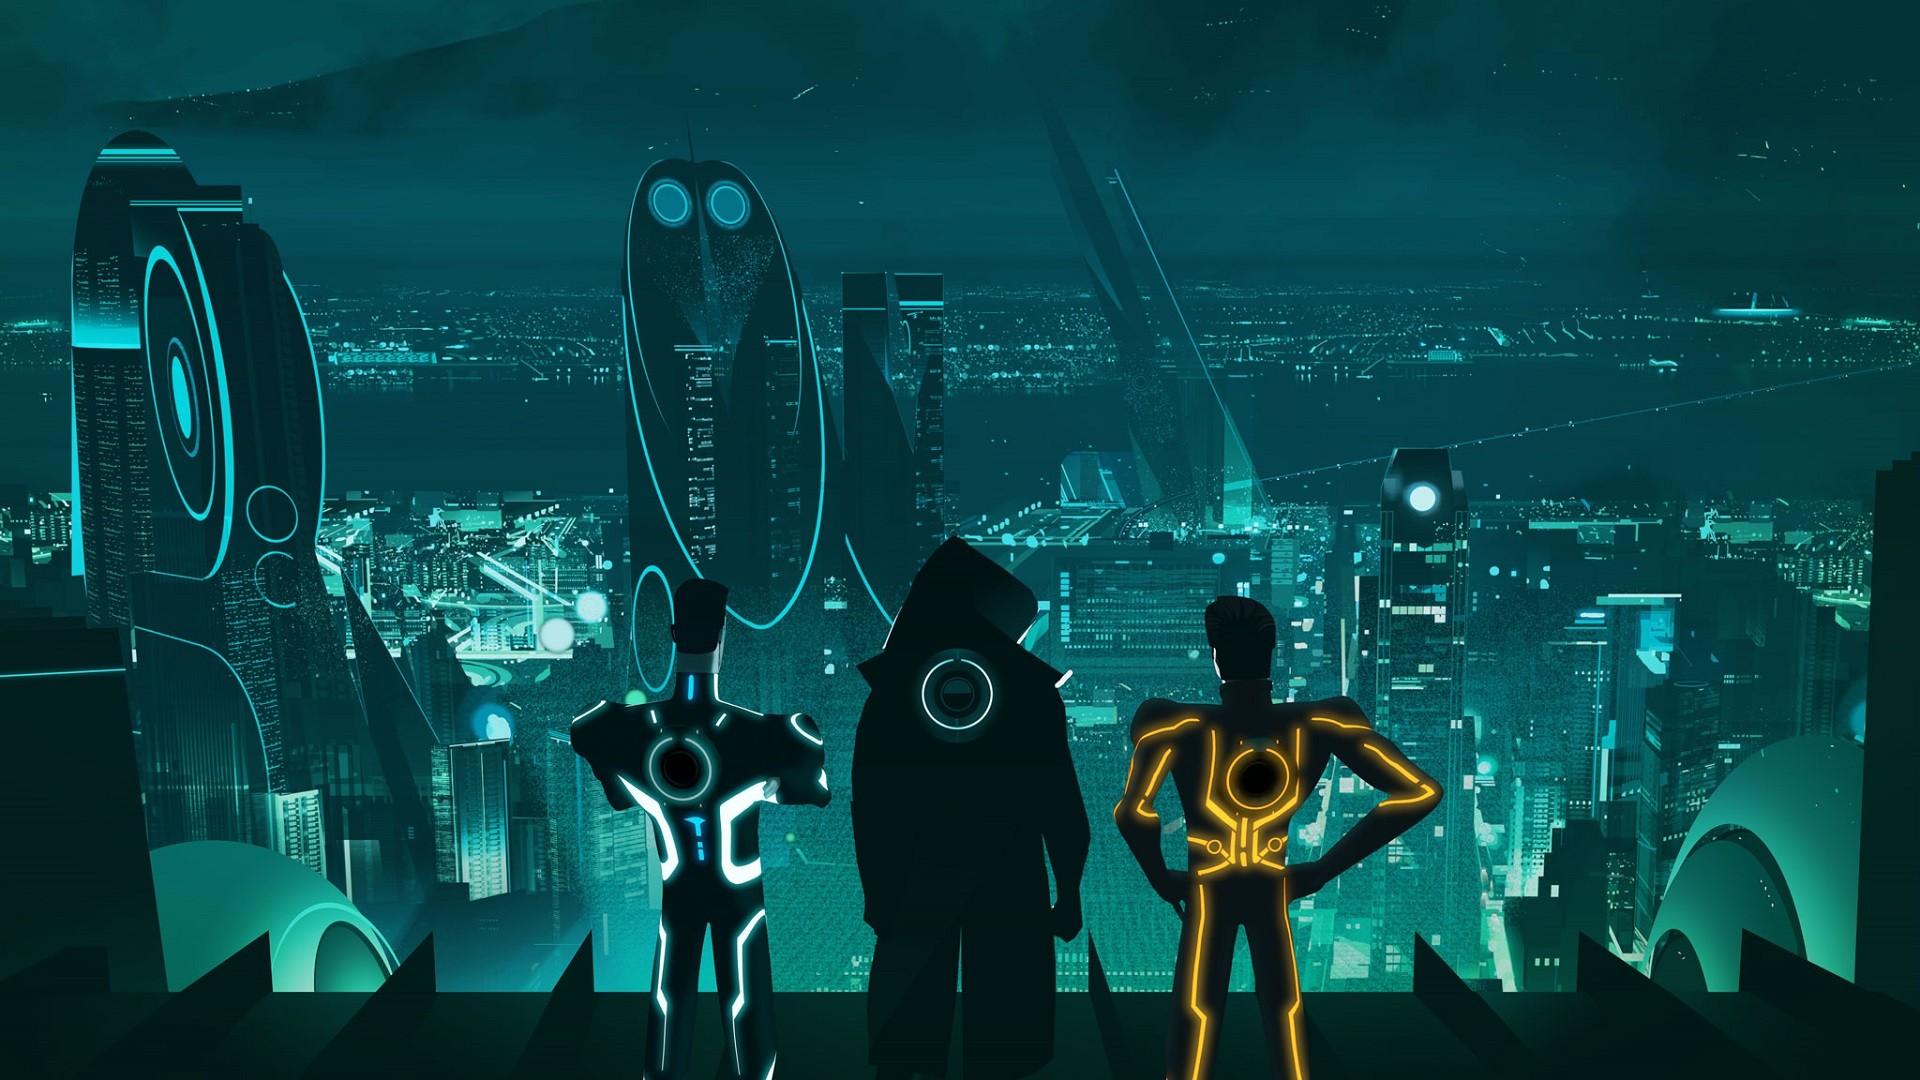 Escape From Argon City Tron Uprising Video Games Futuristic